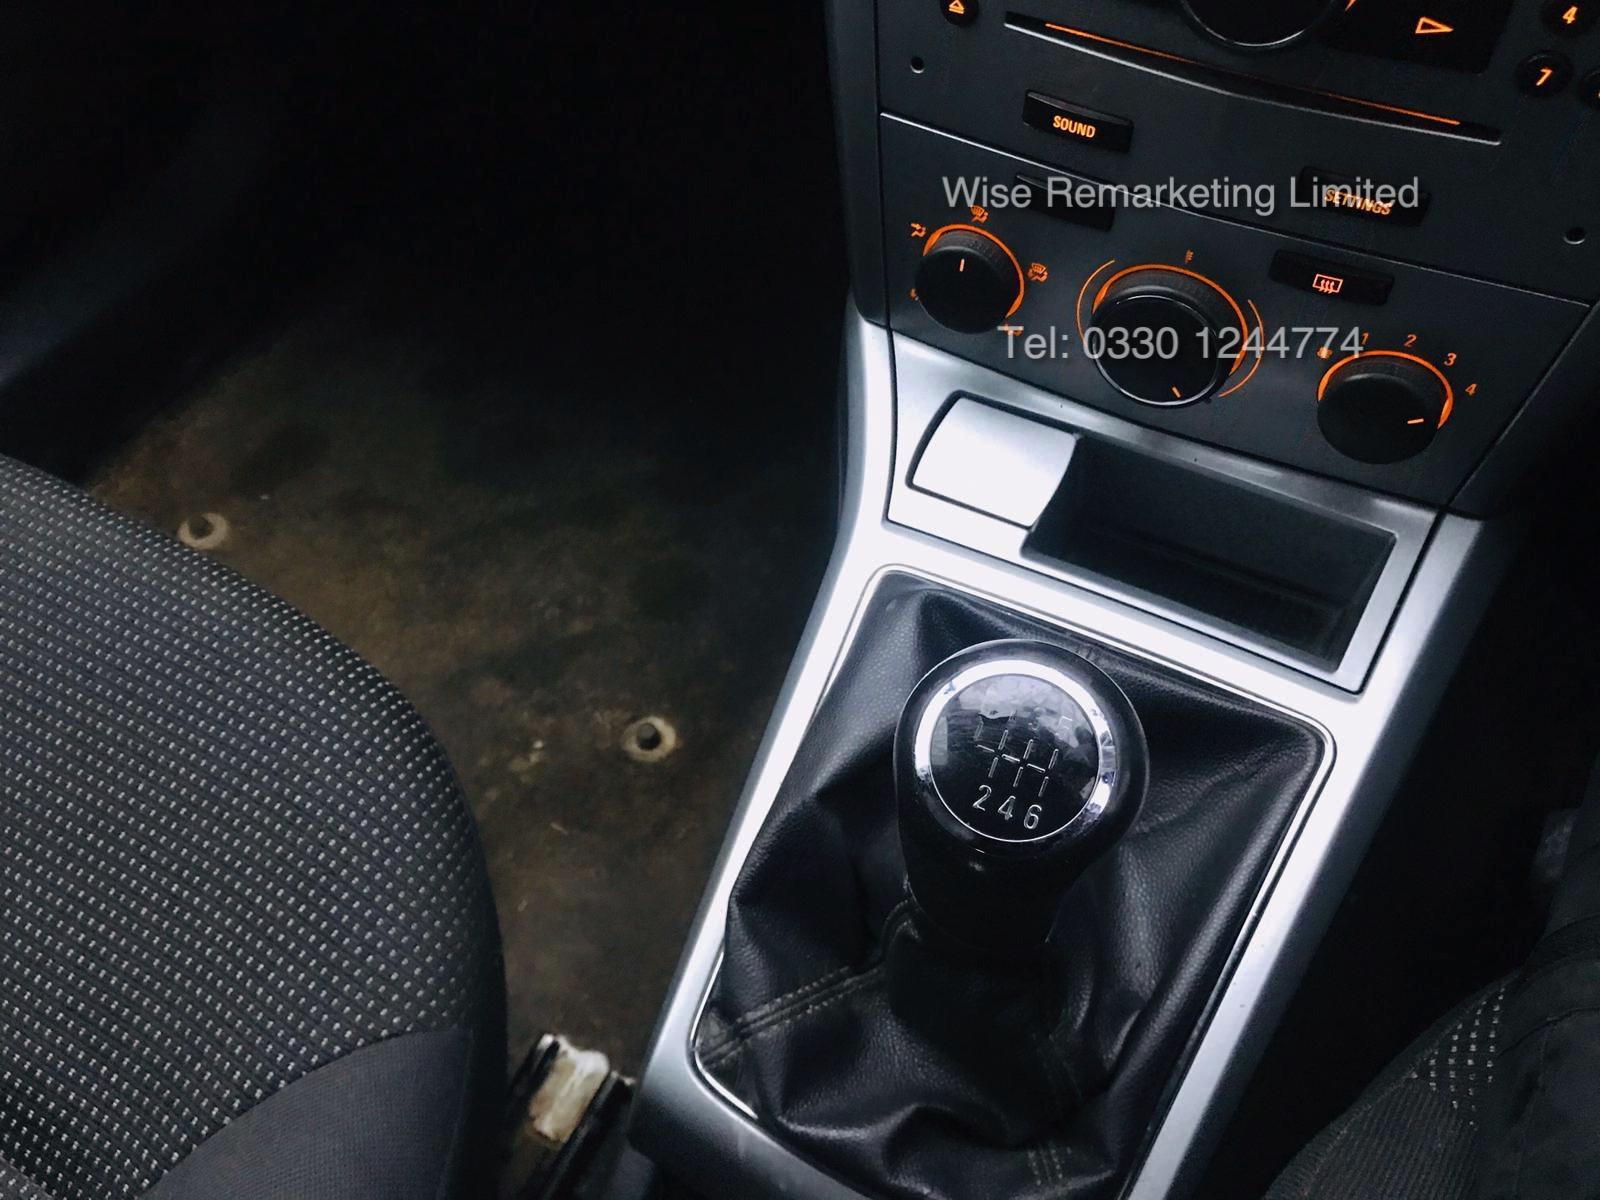 Vauxhall Astra Van 1.3 CDTi - 2011 Model - 5 Seater Crew Van - SAVE 20% NO VAT - Image 7 of 15